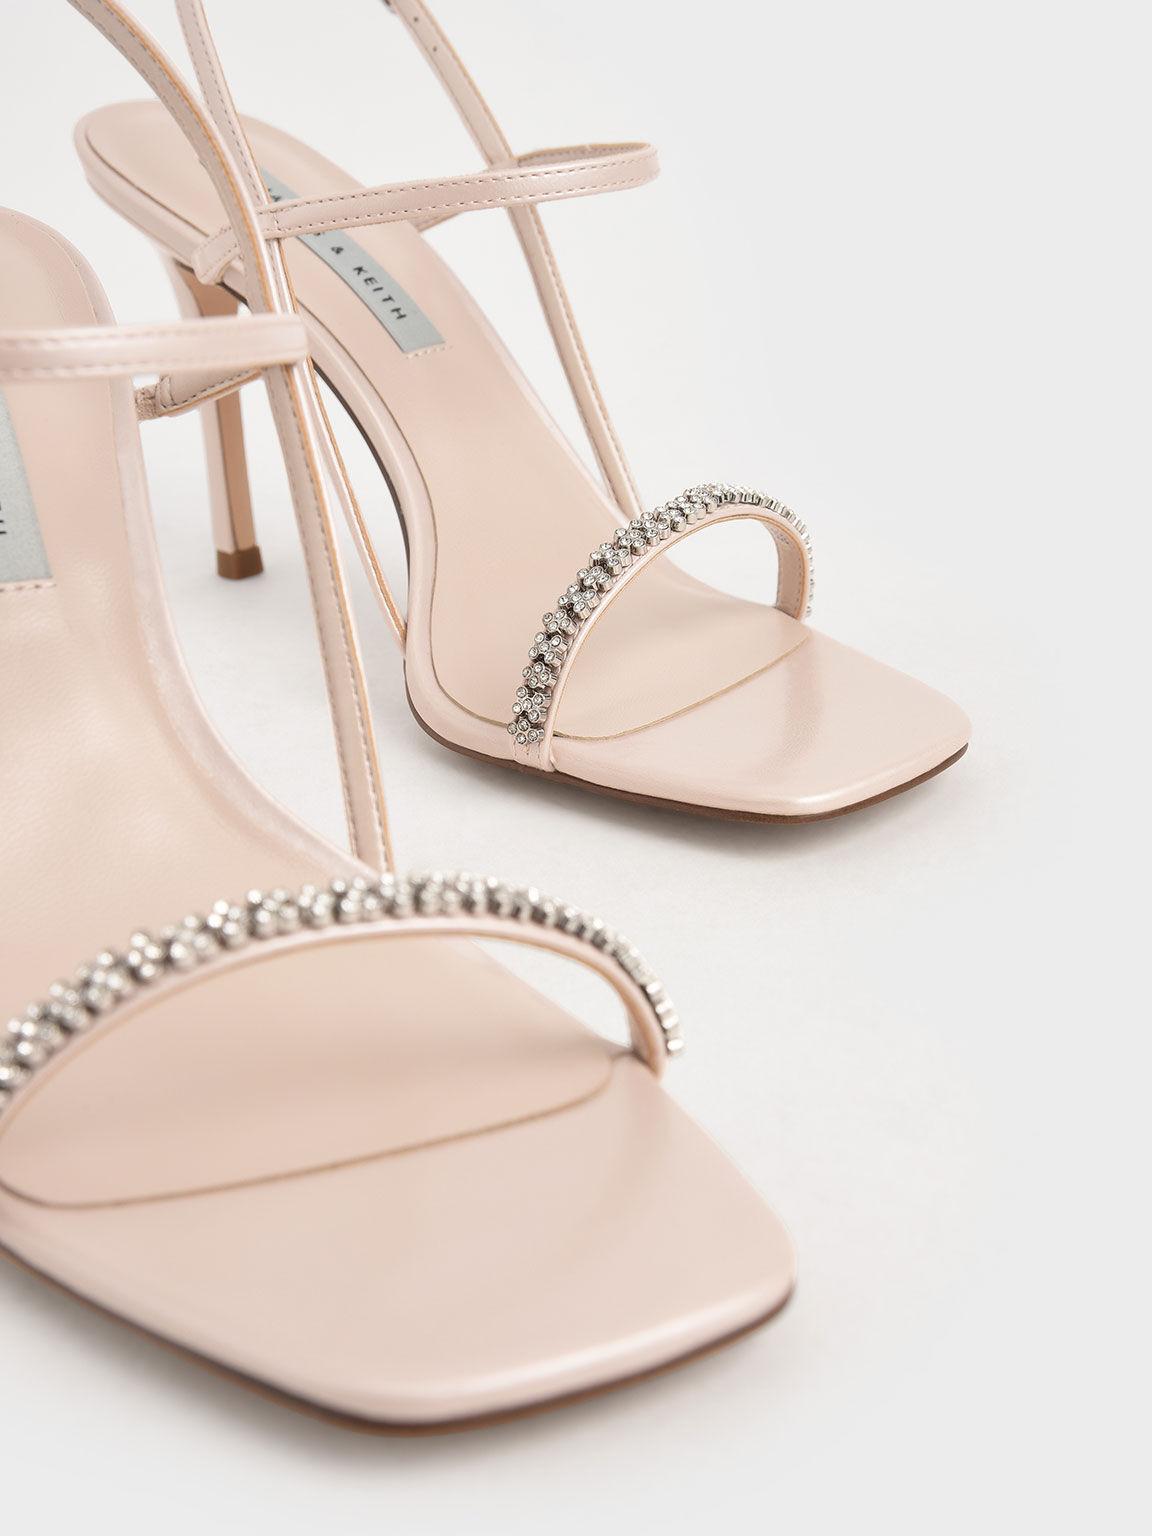 Gem-Embellished Strappy Sandals, Nude, hi-res